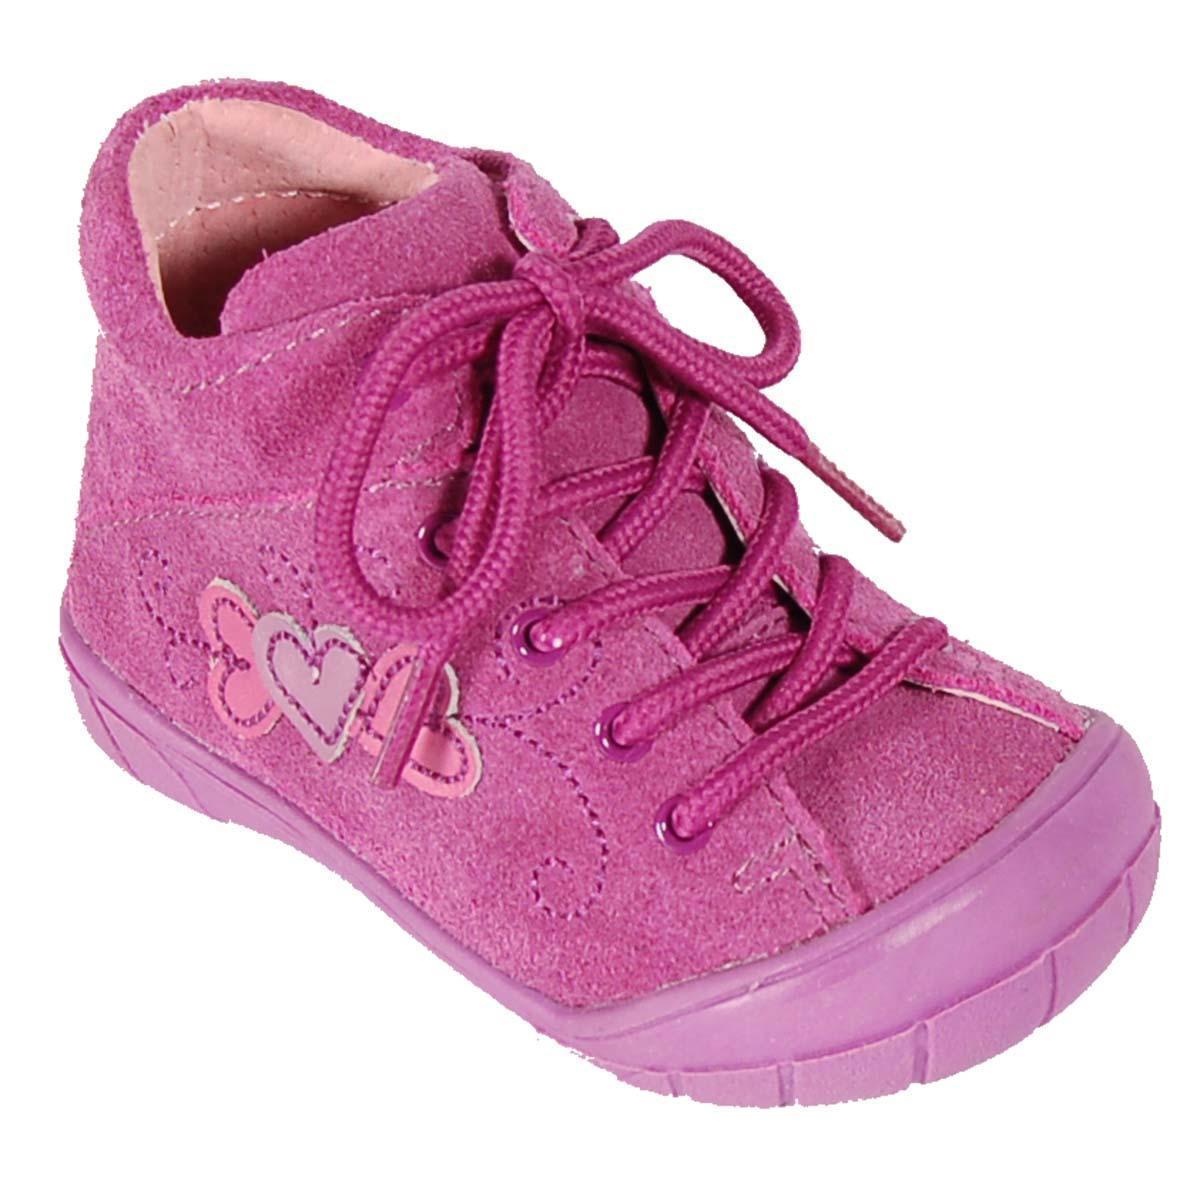 a5d1beea4dd Dětská obuv BUGA empty